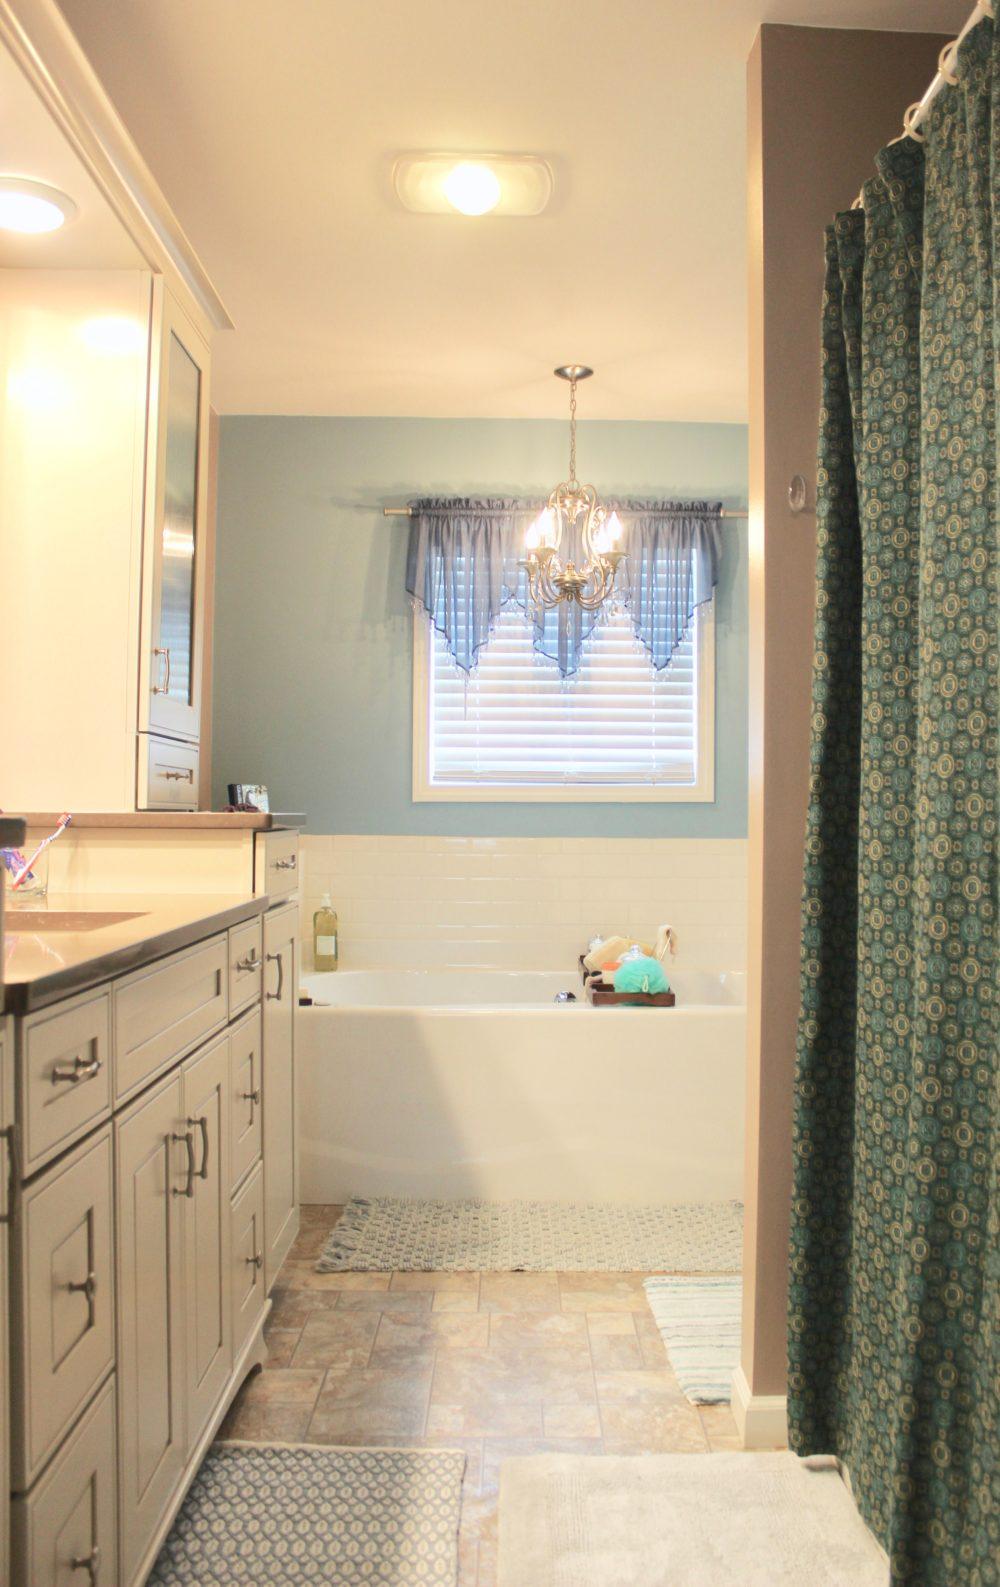 interior - bathroom 3